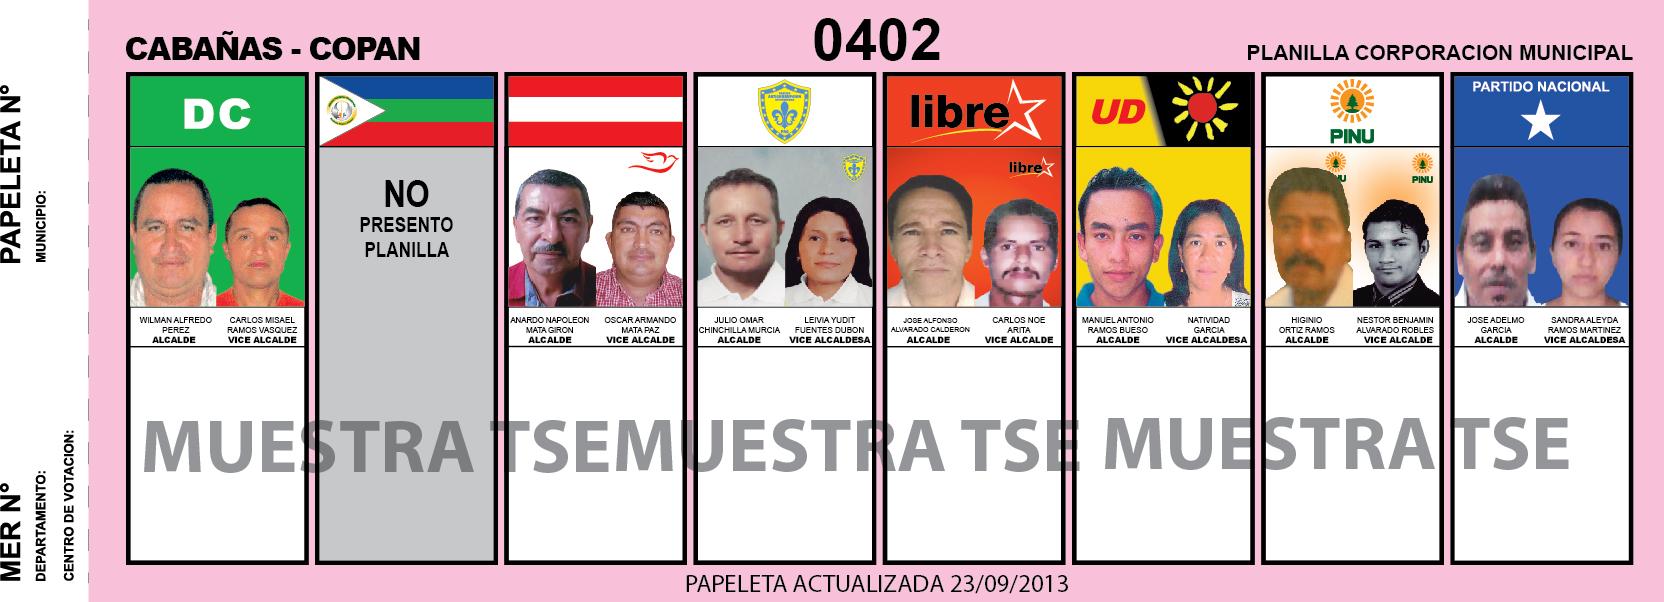 Candidatos 2013 Municipio Cabañas - Copan - Honduras